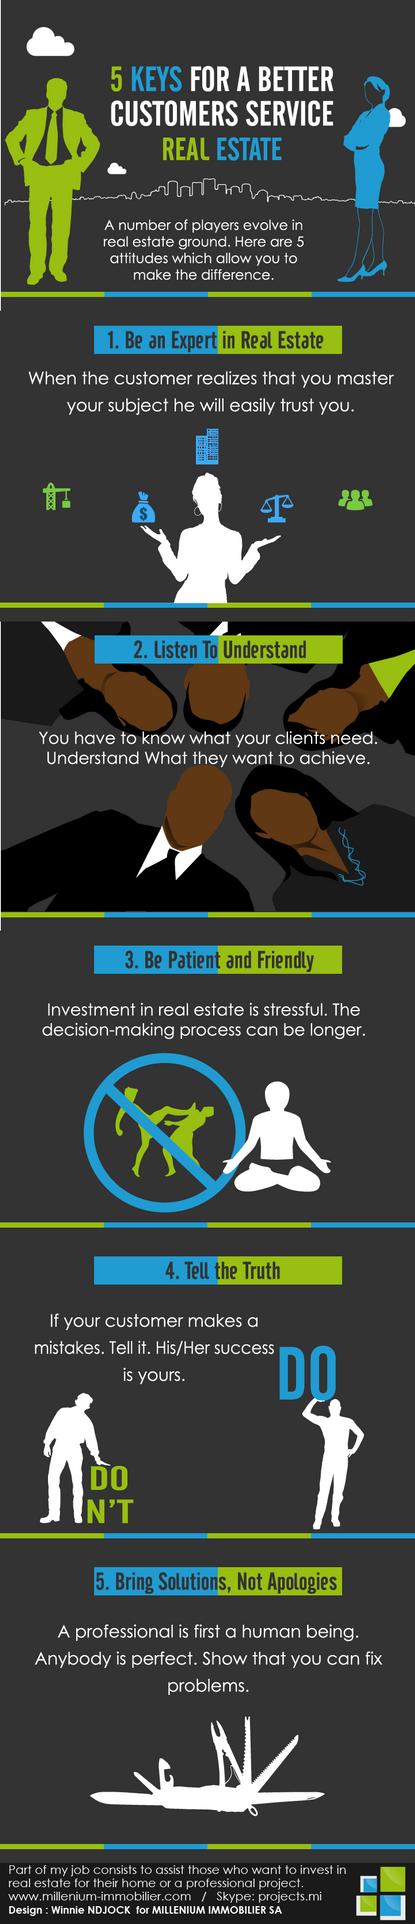 [Infographic] Keys for Better Customer Service by CamerDesigner